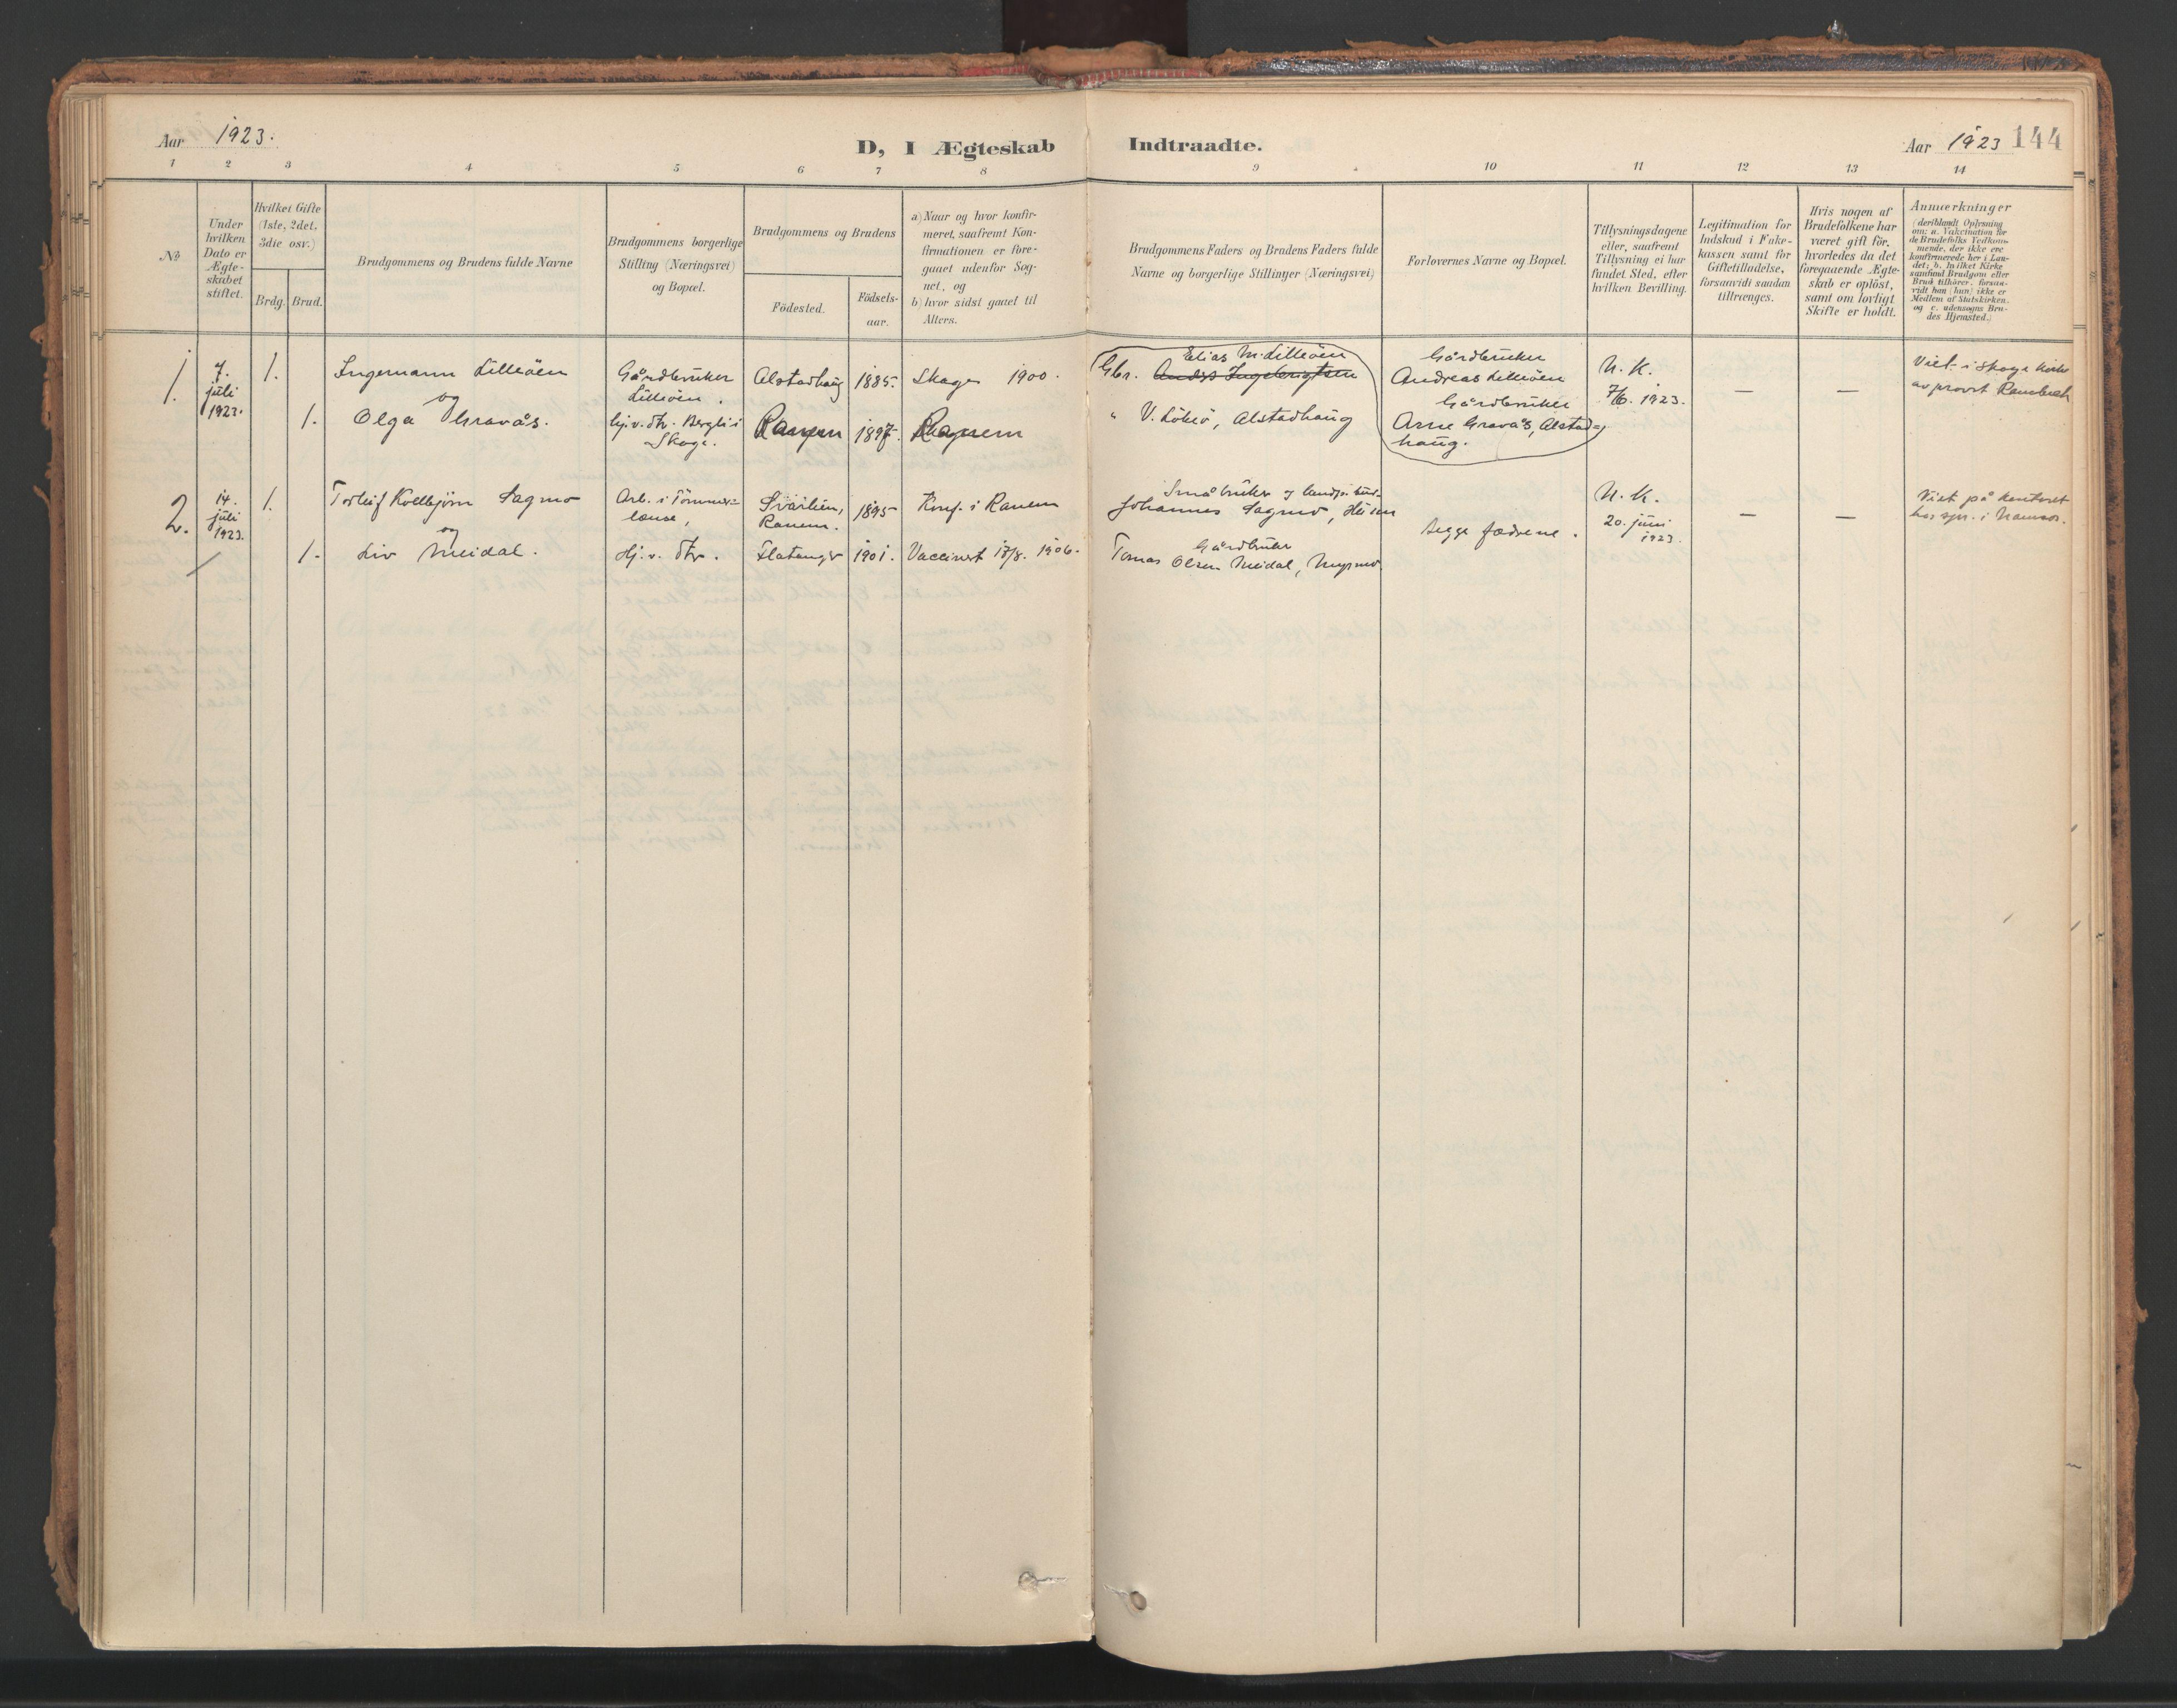 SAT, Ministerialprotokoller, klokkerbøker og fødselsregistre - Nord-Trøndelag, 766/L0564: Ministerialbok nr. 767A02, 1900-1932, s. 144